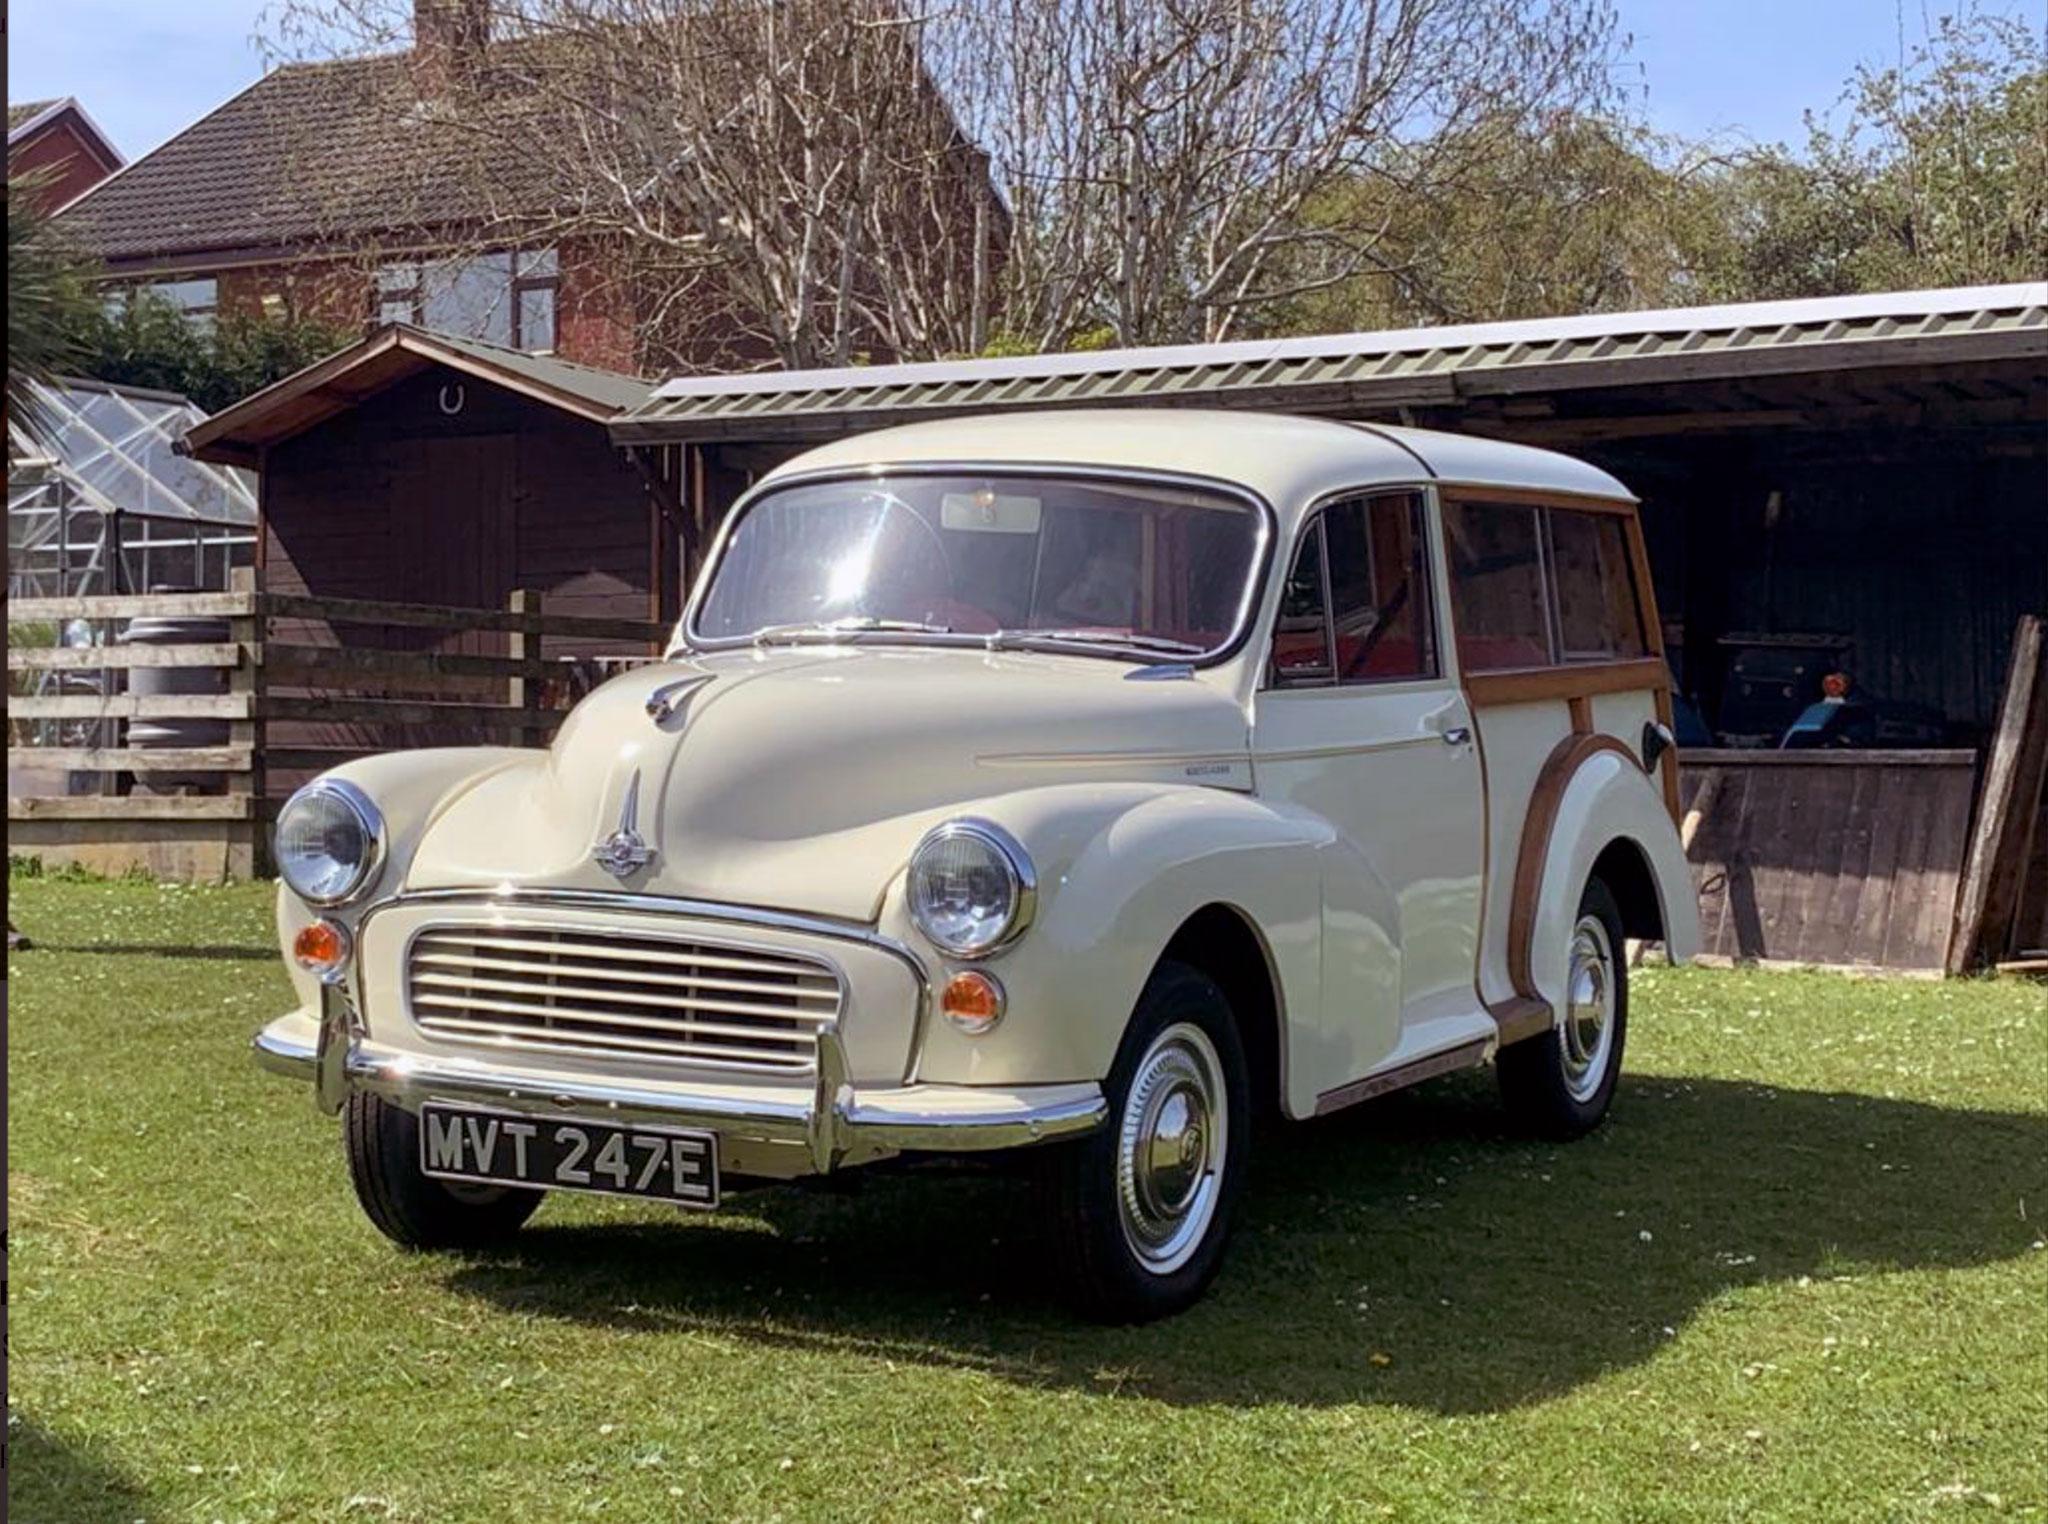 1967 Morris Minor 1000 Traveller Bonhams CHF 14 000. Marché de la Voiture de Collection.